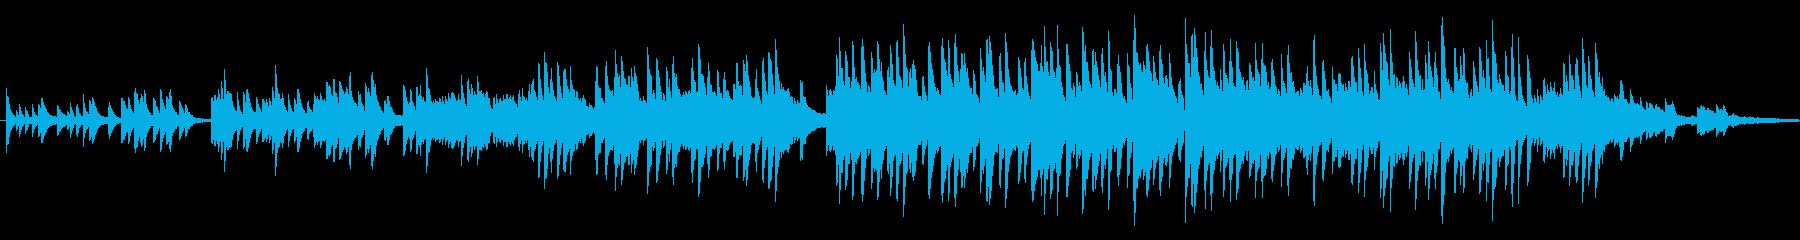 やさしくて感動的なピアノメロディーの再生済みの波形